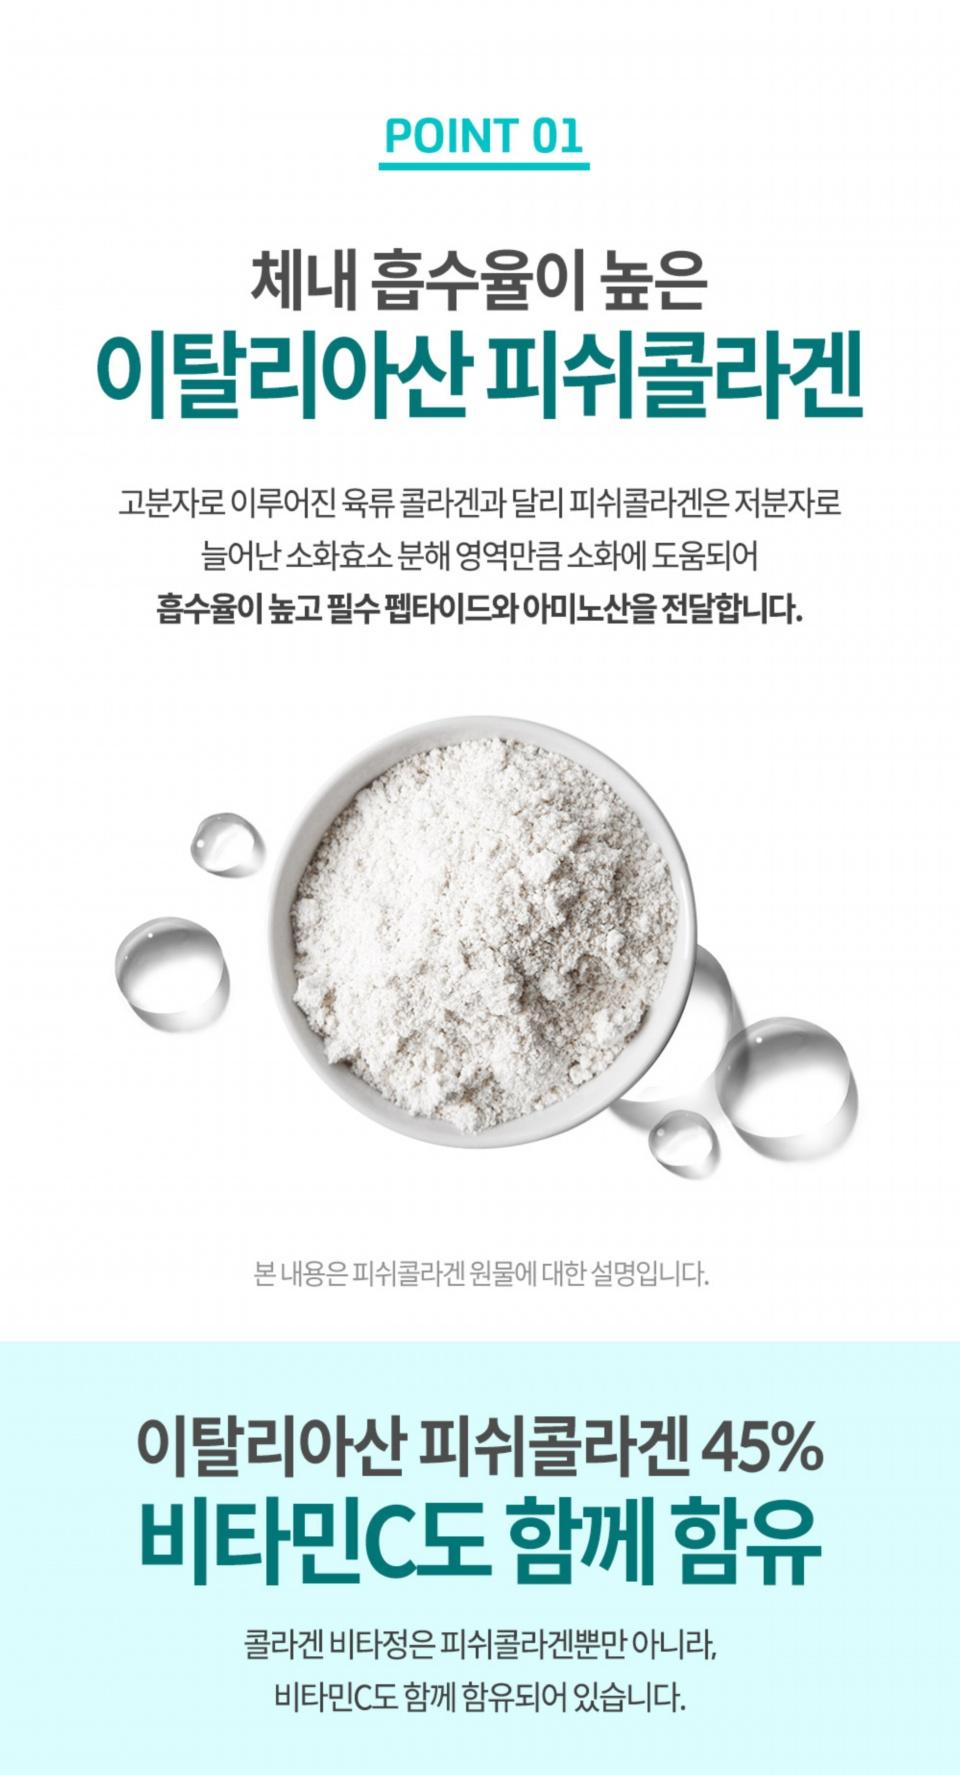 콜라겐 비타정 체험단 모집 (07.23~08.01)